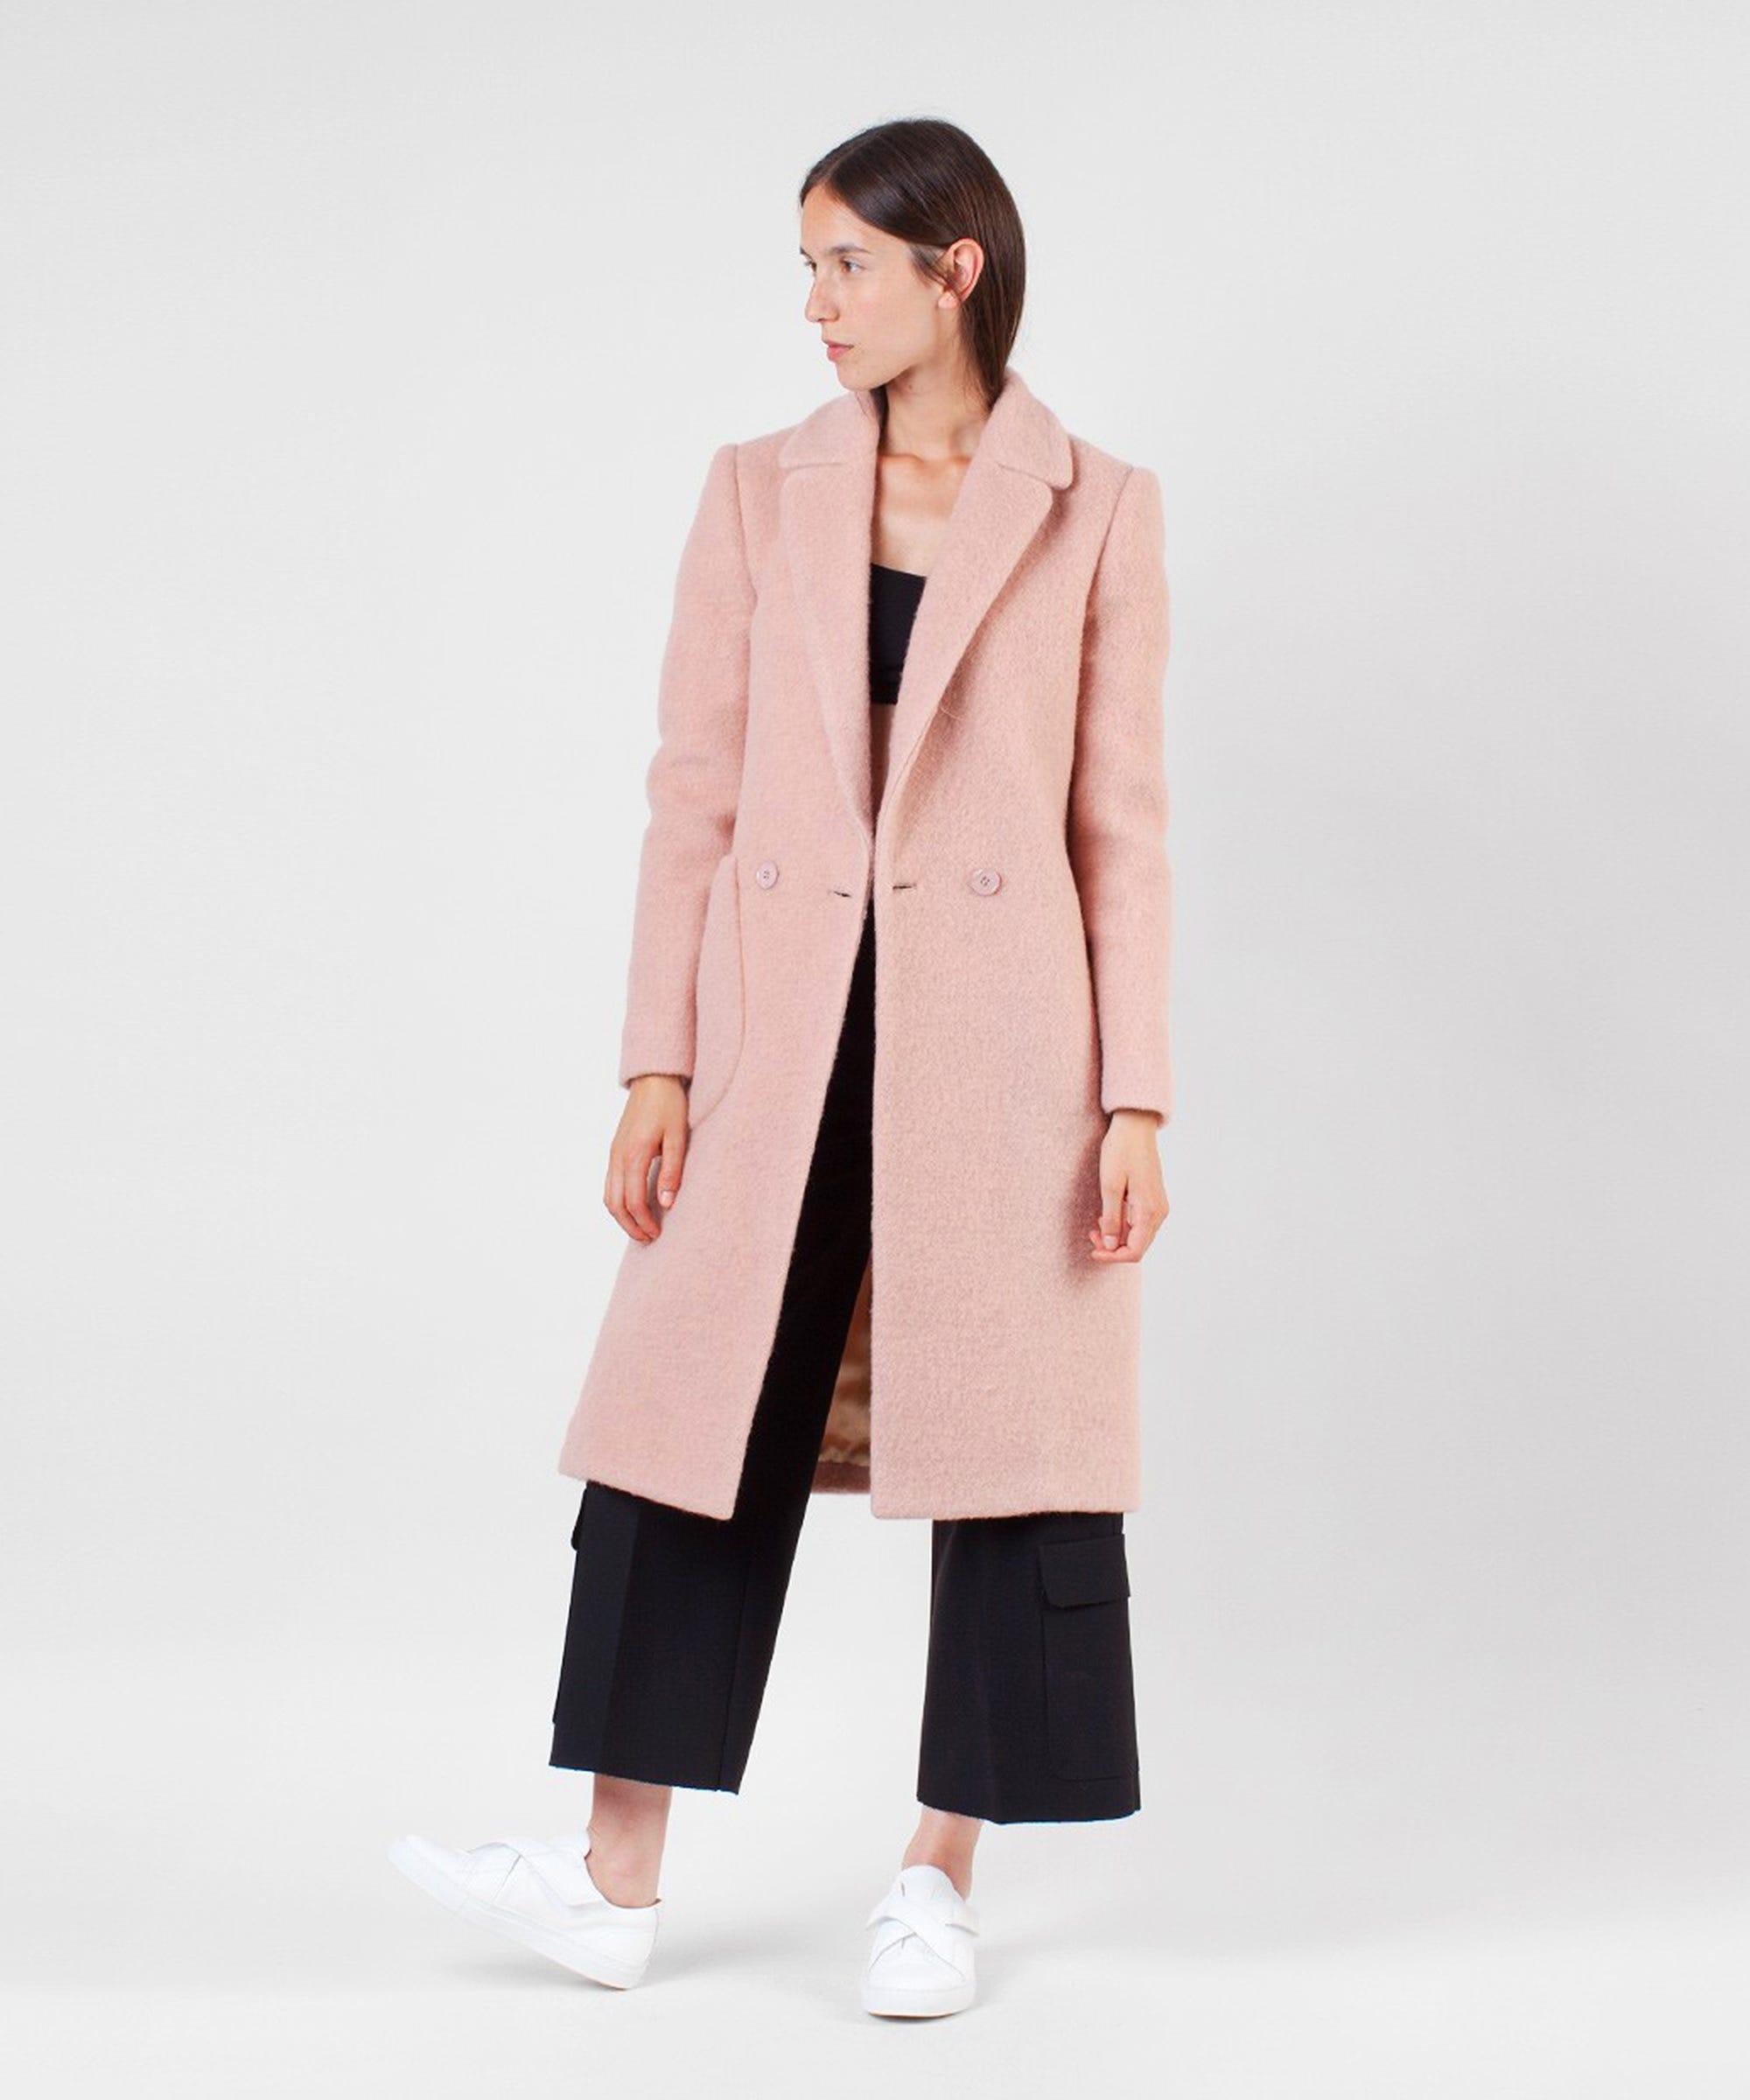 berlin-fashion-main